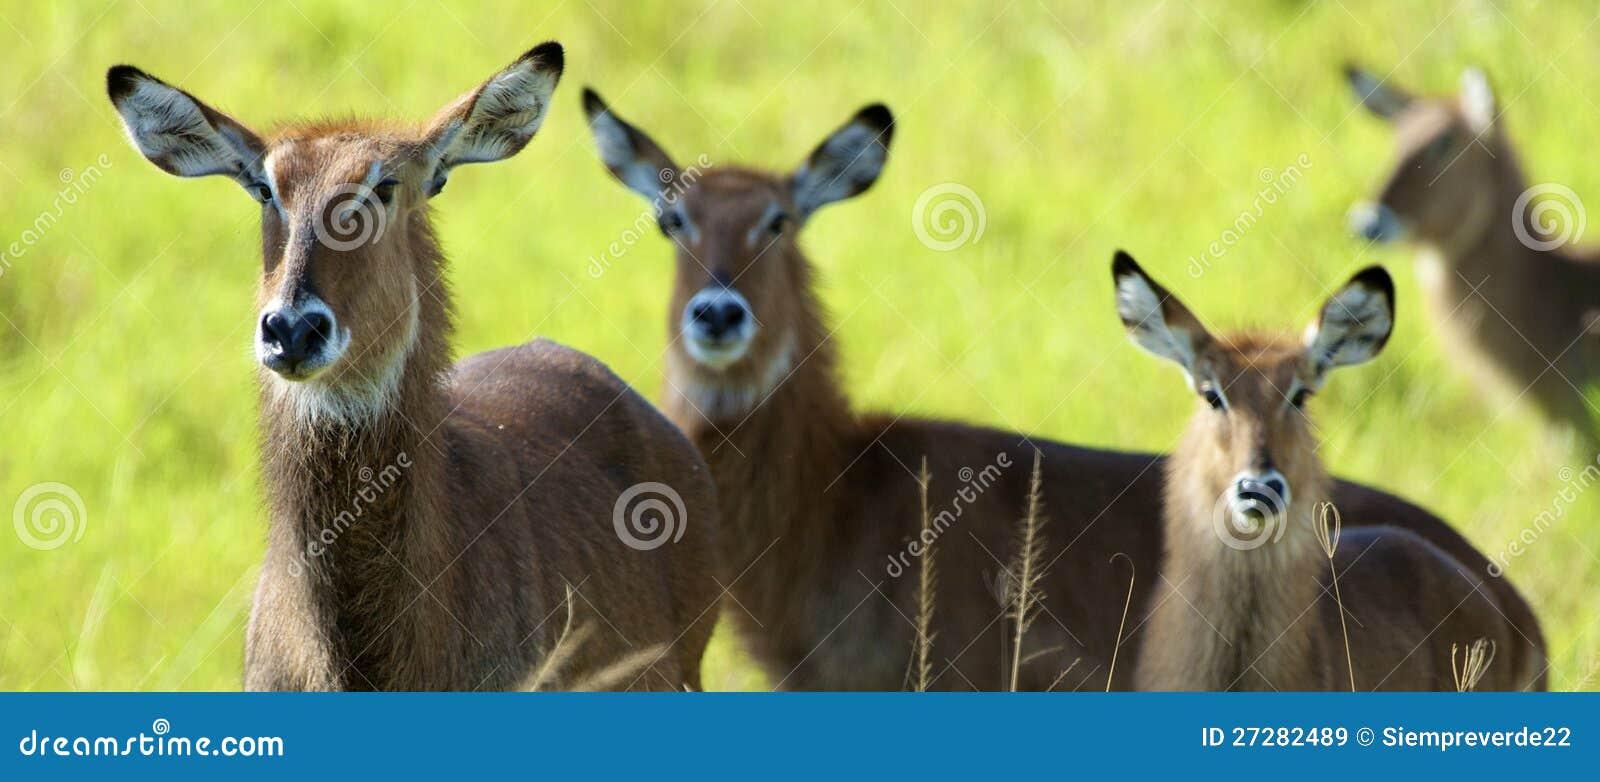 Antilop går tillsammans